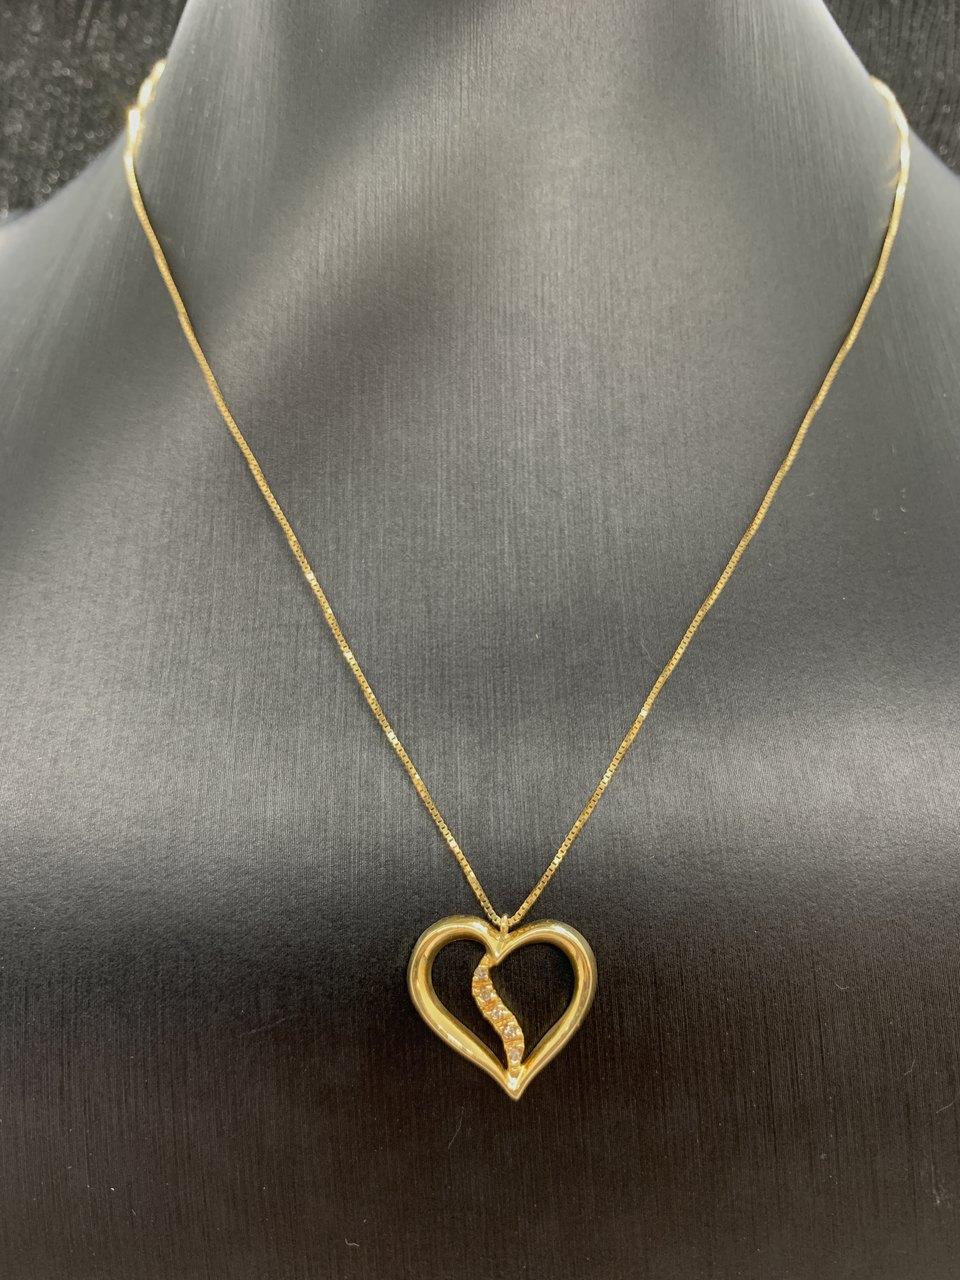 Colar Ouro 18k Coração Vazado com Brilhantes Jjoias Premium